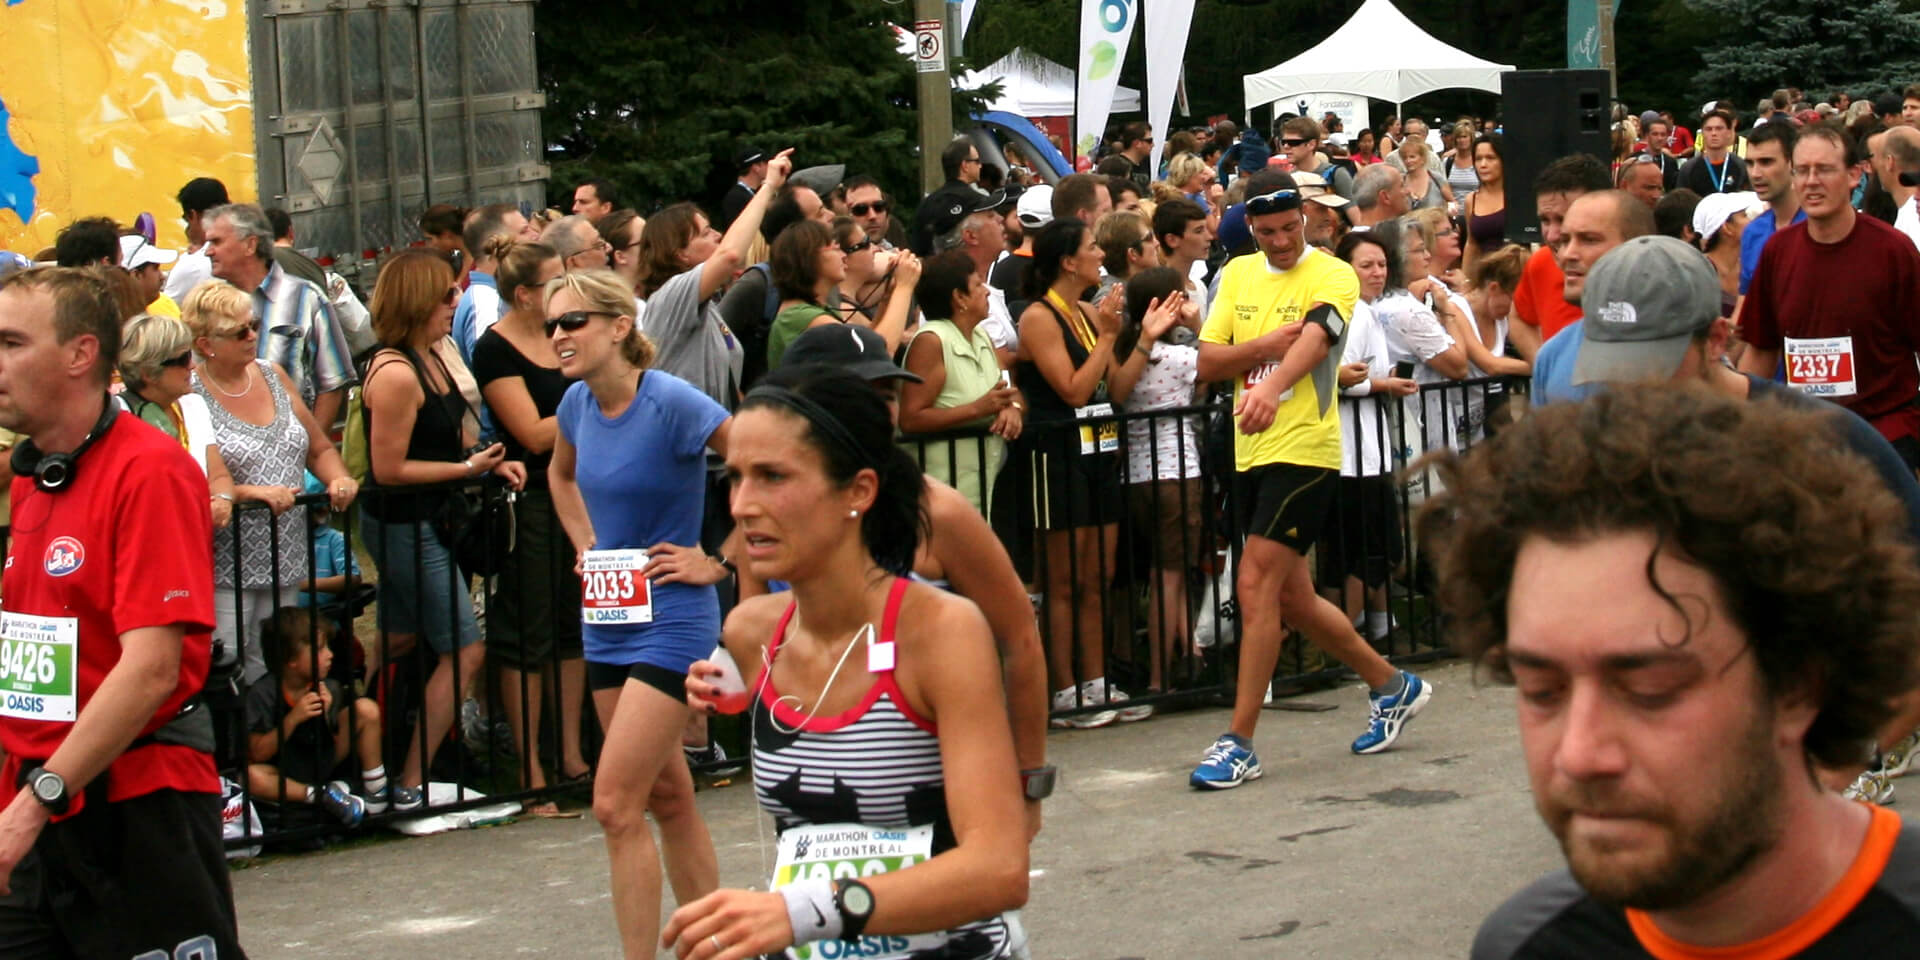 Coureurs à l'arrivée du Marathon de Montréal, Canada.